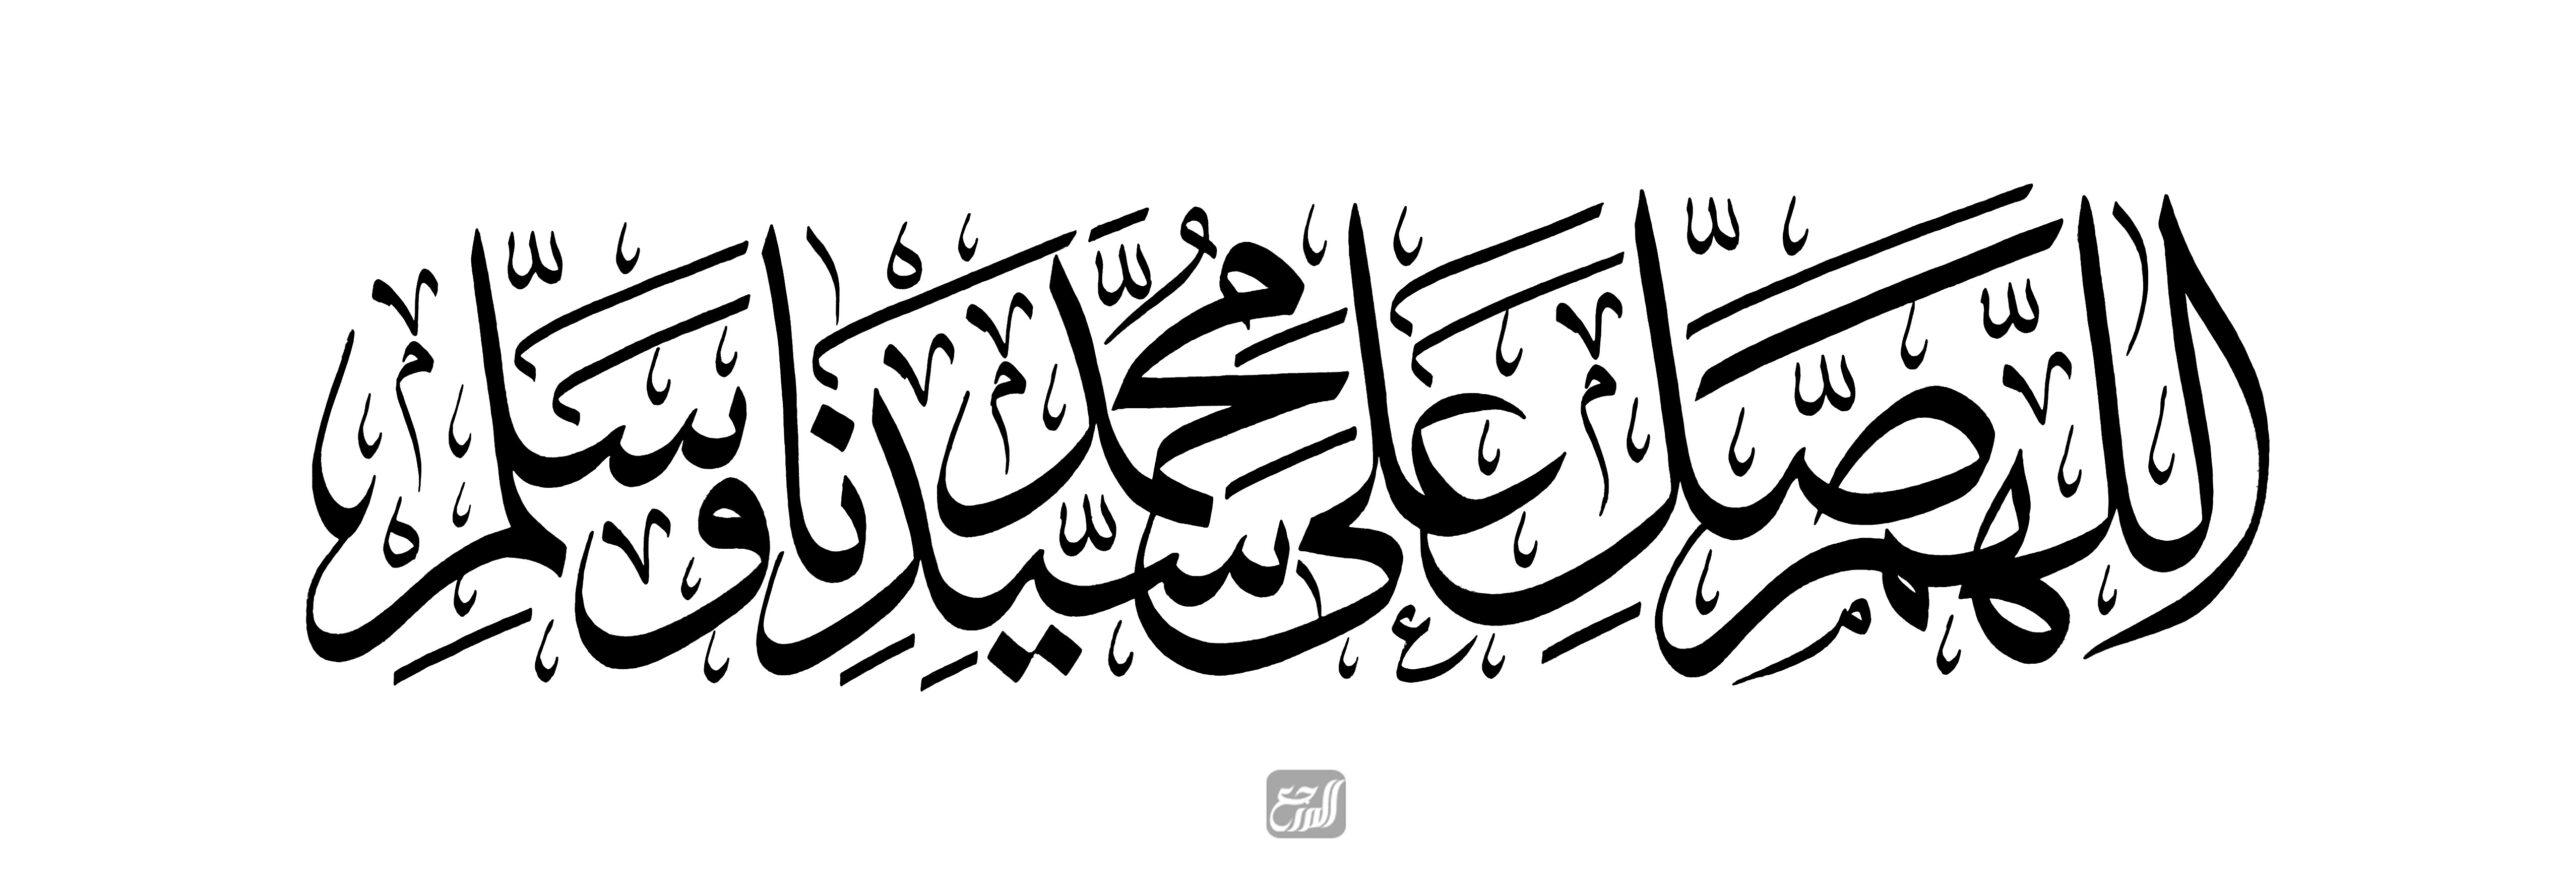 صور الله والصلاة والسلام على نبينا محمد بالحركات المزخرفة